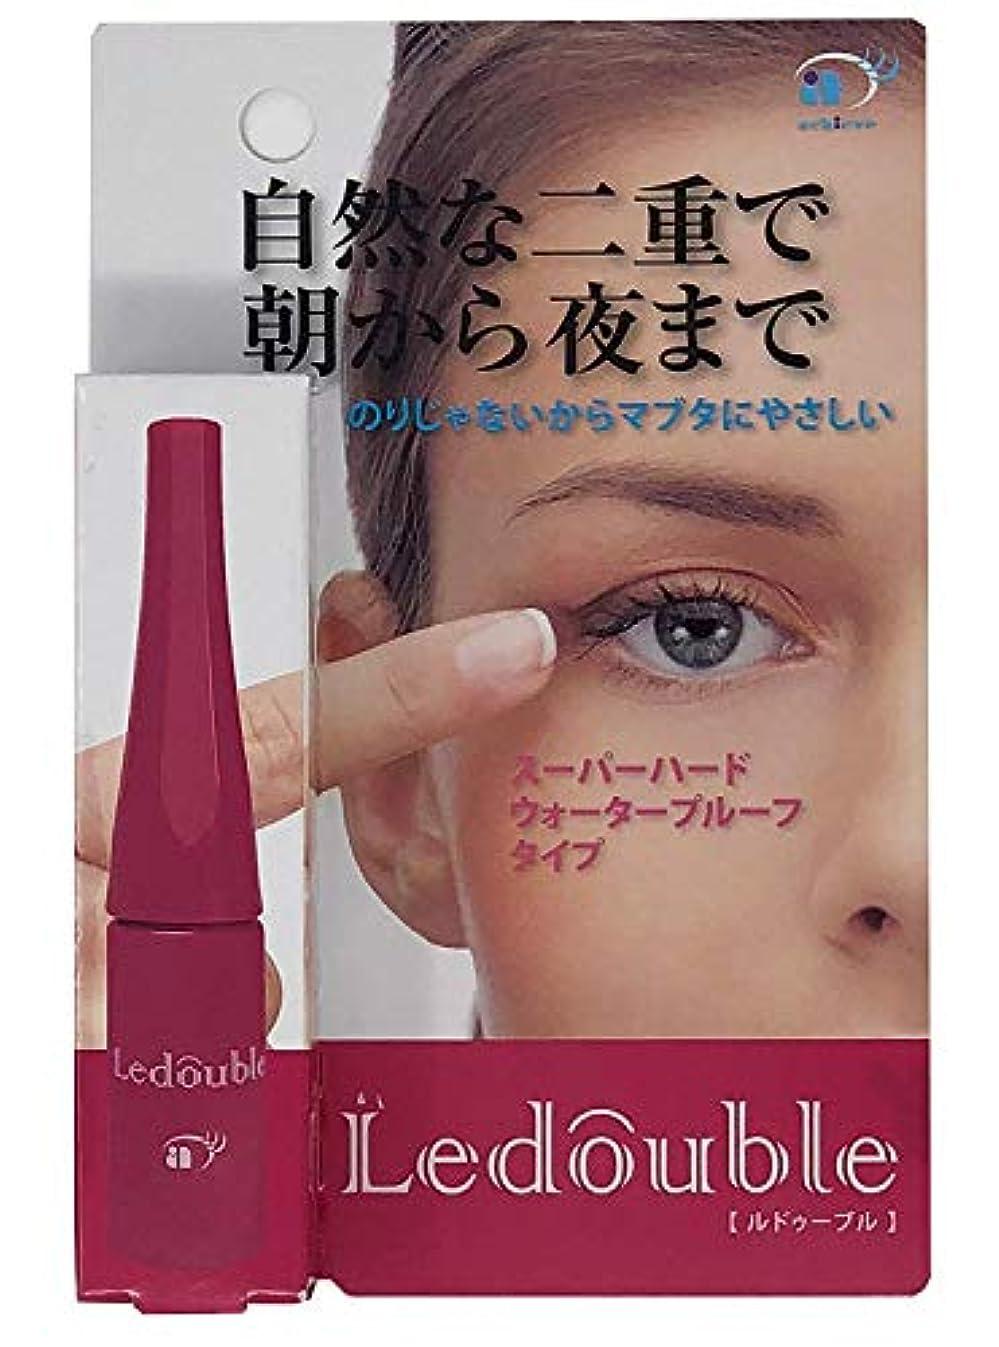 乱暴なキャンディー皮Ledouble [ルドゥーブル] 二重まぶた化粧品 (4mL)